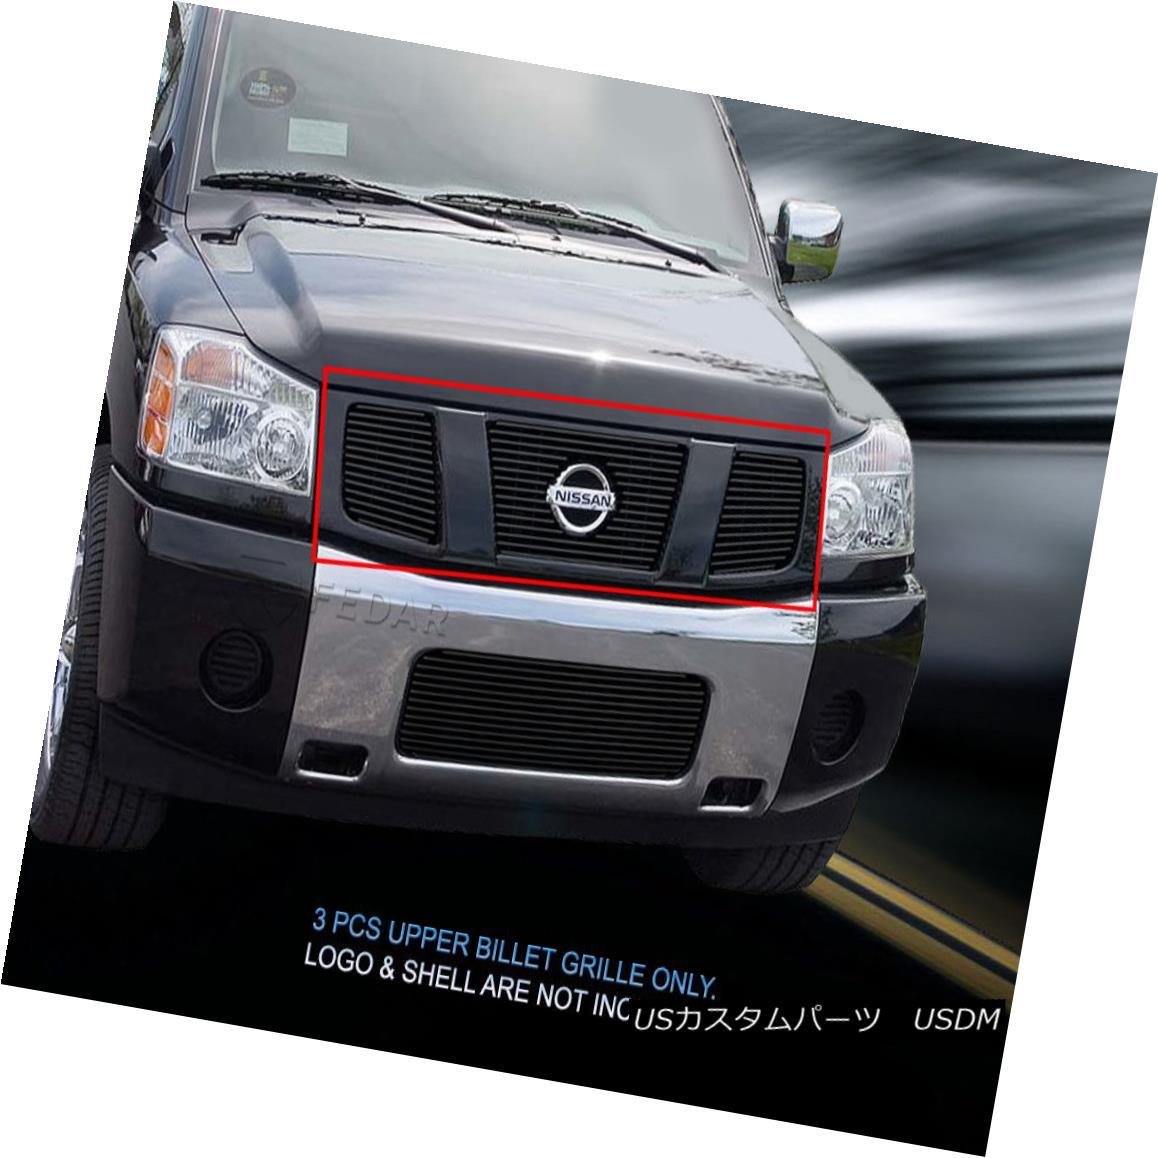 グリル Fits 04-07 Nissan Titan Armada Black Billet Grille Grill Upper Insert Fedar フィット04-07日産タイタンアルマダブラックビレットグリルグリルアッパーインサートフェルダー